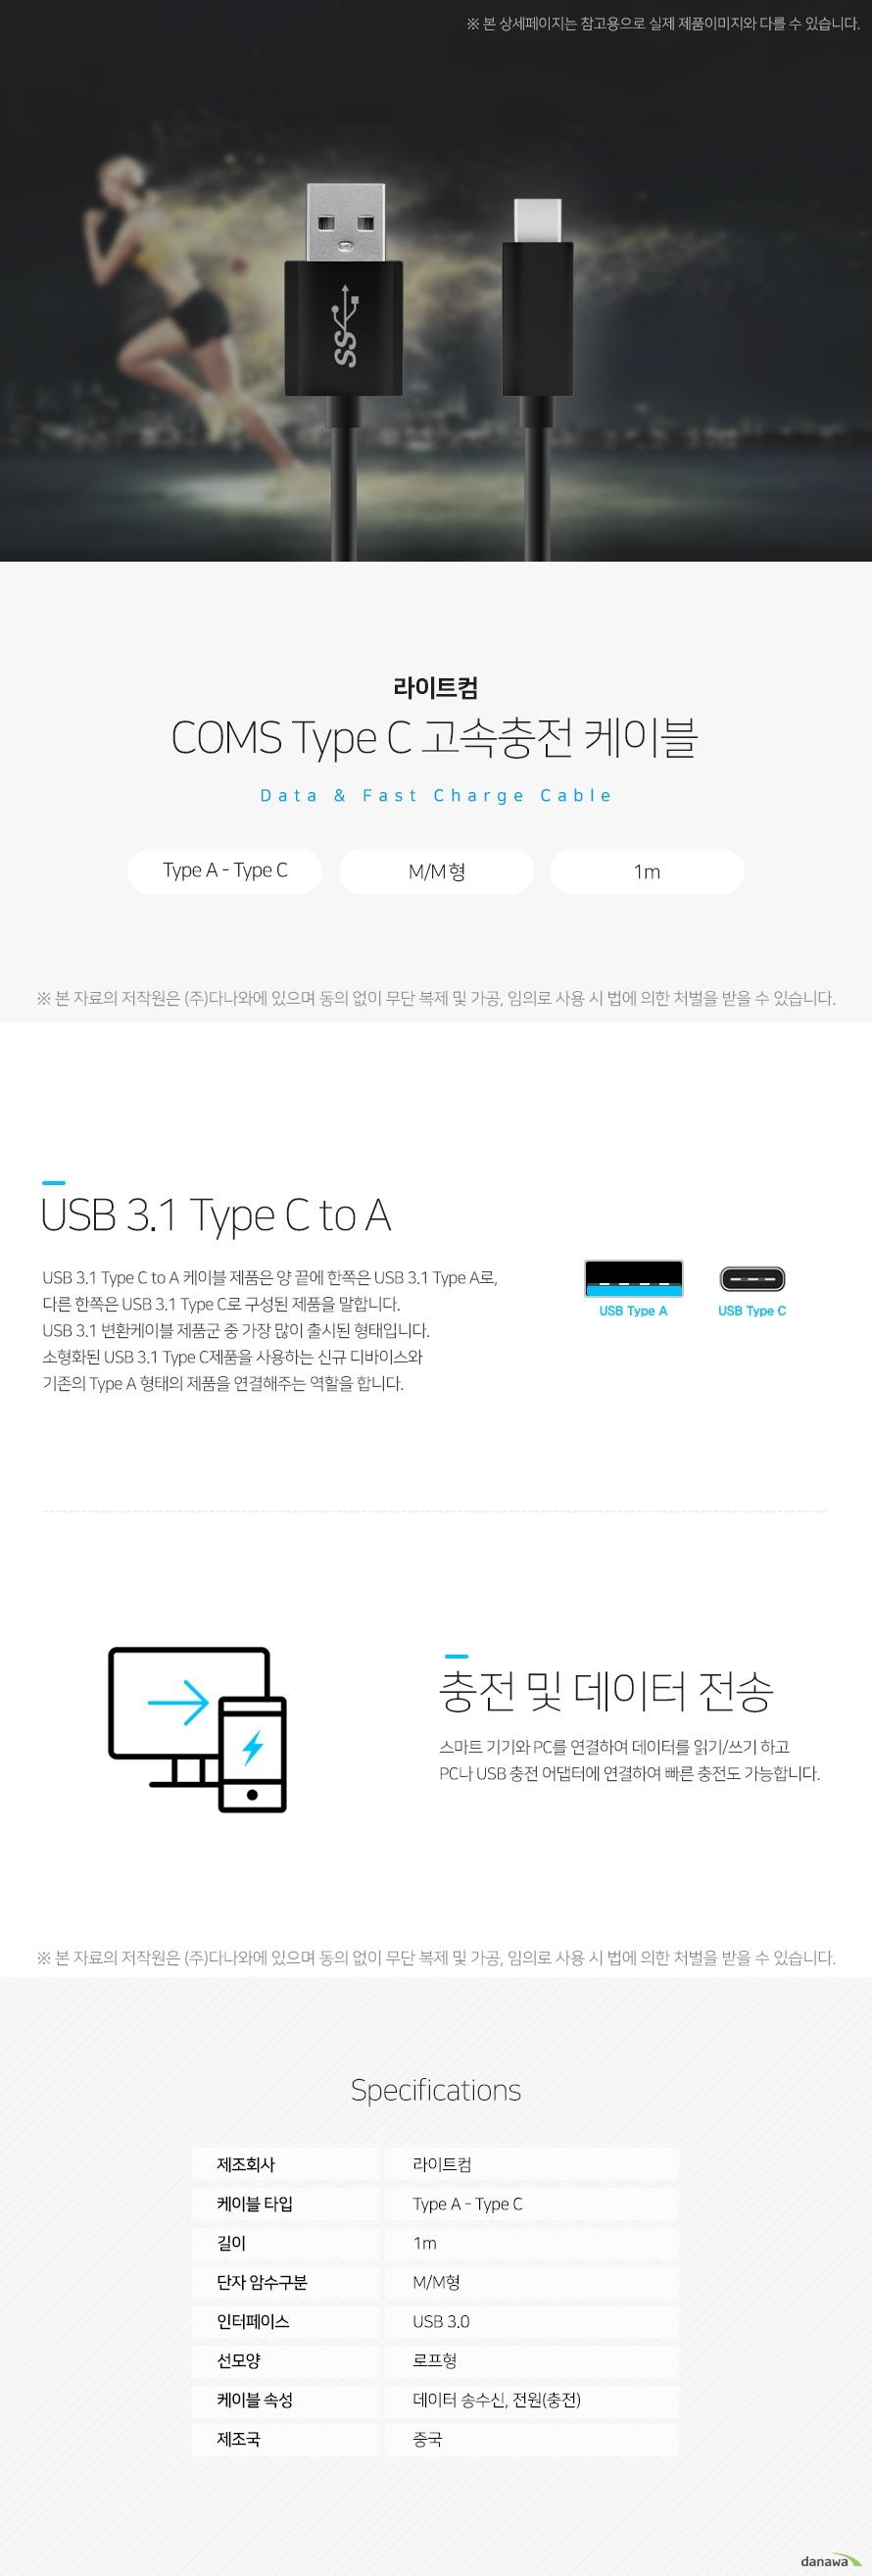 라이트컴 COMS Type C  고속충전 케이블 Data  Charge Cable USB 3.1 Type C to A USB 3.1 Type C to A 케이블 제품은 양 끝에 한쪽은 USB 3.1 Type A로,  다른 한쪽은 USB 3.1 Type C로 구성된 제품을 말합니다.  USB 3.1 변환케이블 제품군 중 가장 많이 출시된 형태입니다.  소형화된 USB 3.1 Type C제품을 사용하는 신규 디바이스와  기존의 Type A 형태의 제품을 연결해주는 역할을 합니다. 충전 및 데이터 전송 스마트 기기와 PC를 연결하여 데이터를 읽기/쓰기 하고 PC나 USB 충전 어댑터에 연결하여 빠른 충전도 가능합니다.